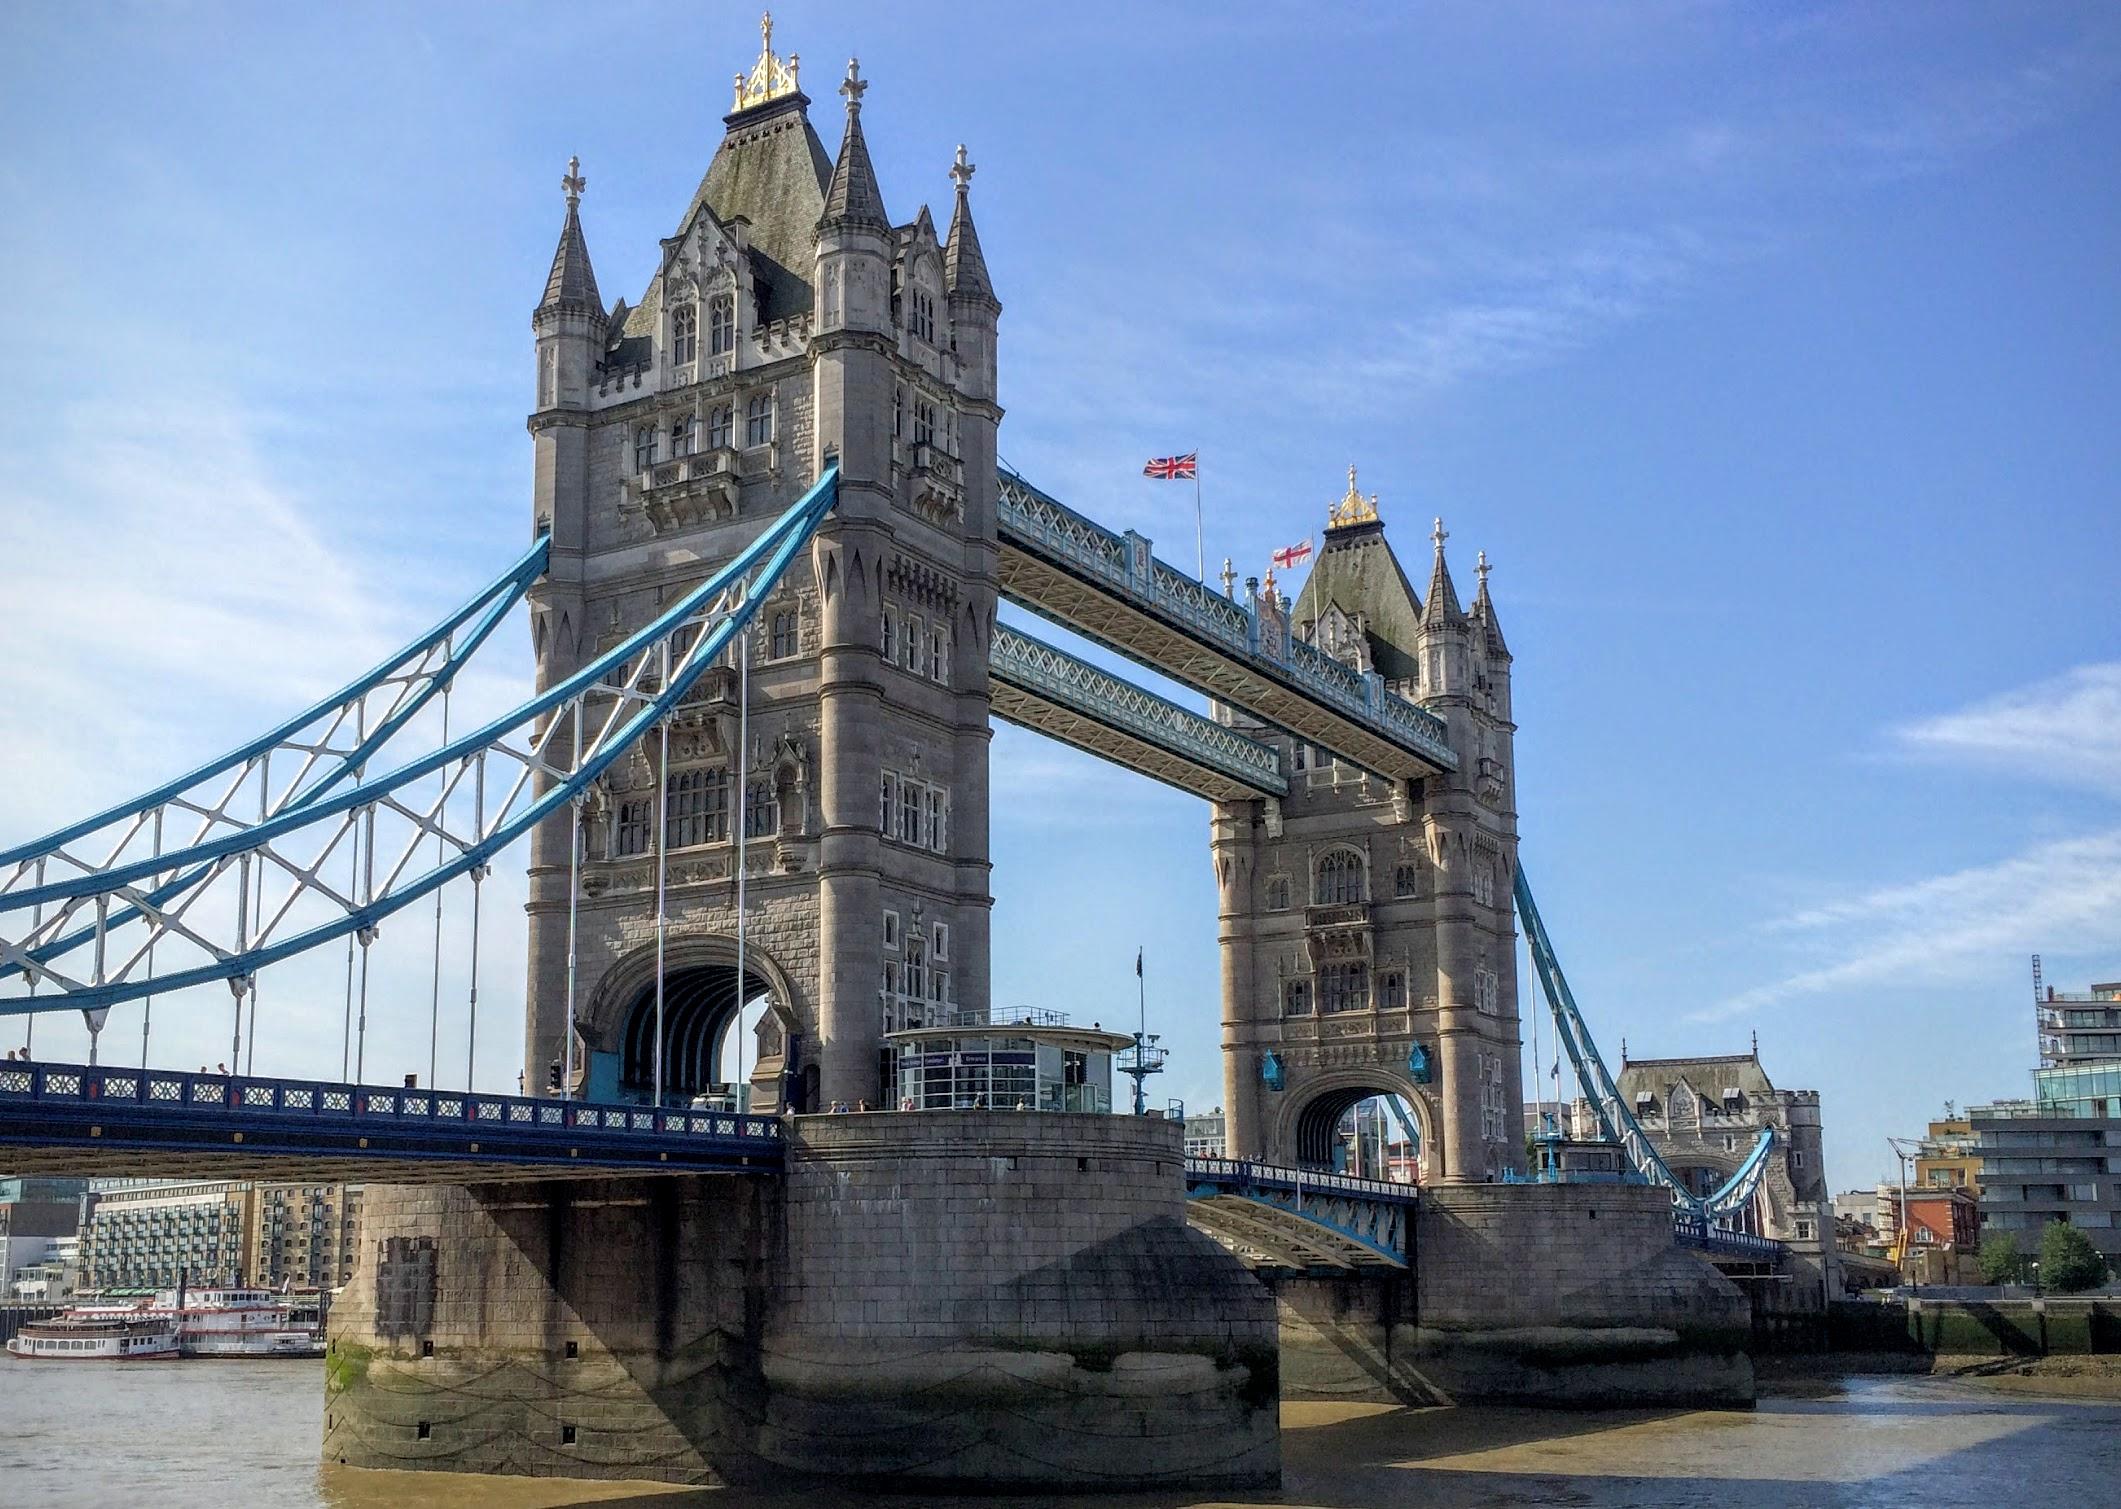 タワー・ブリッジ Tower Bridge